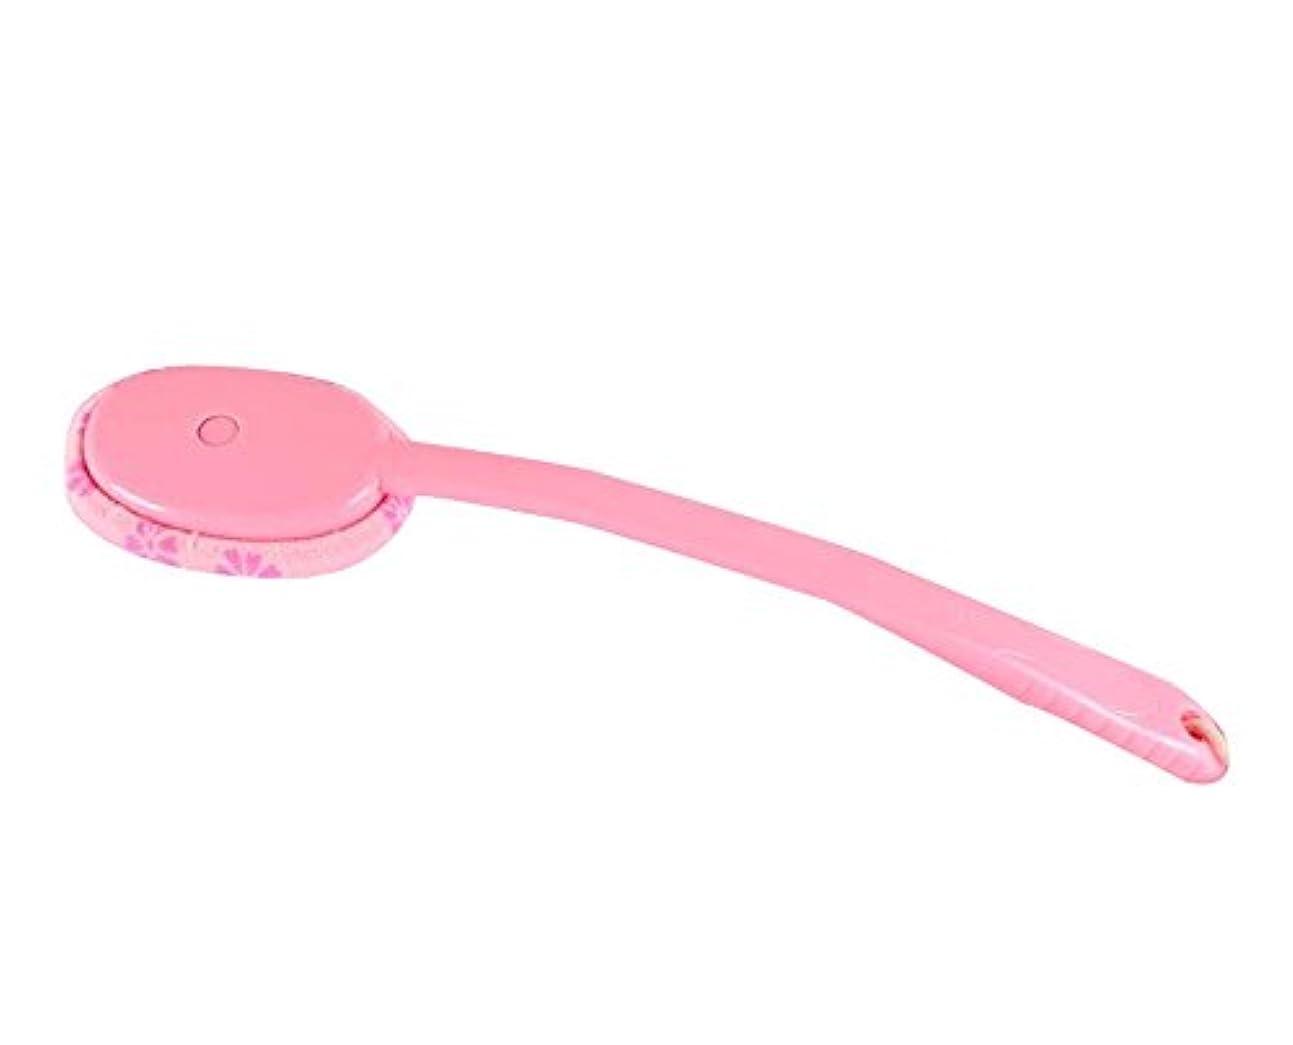 分布爆発するタバコラビングバスタオルバスブラシクリエイティブロングハンドルラビングブラシ、ピンク